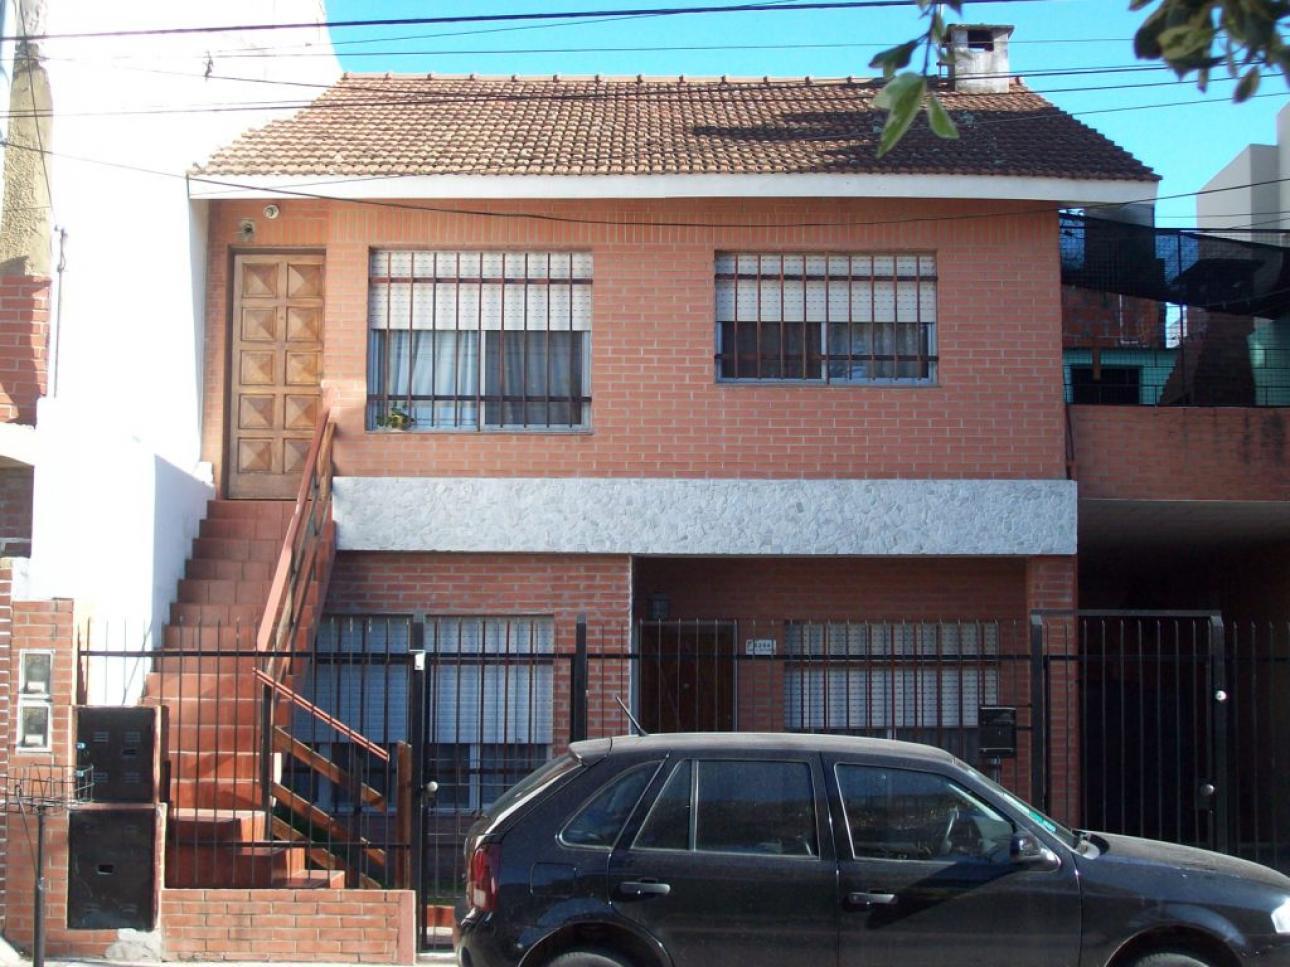 Venta de Casa 5 o mas ambientes en General San Martín Chilavert